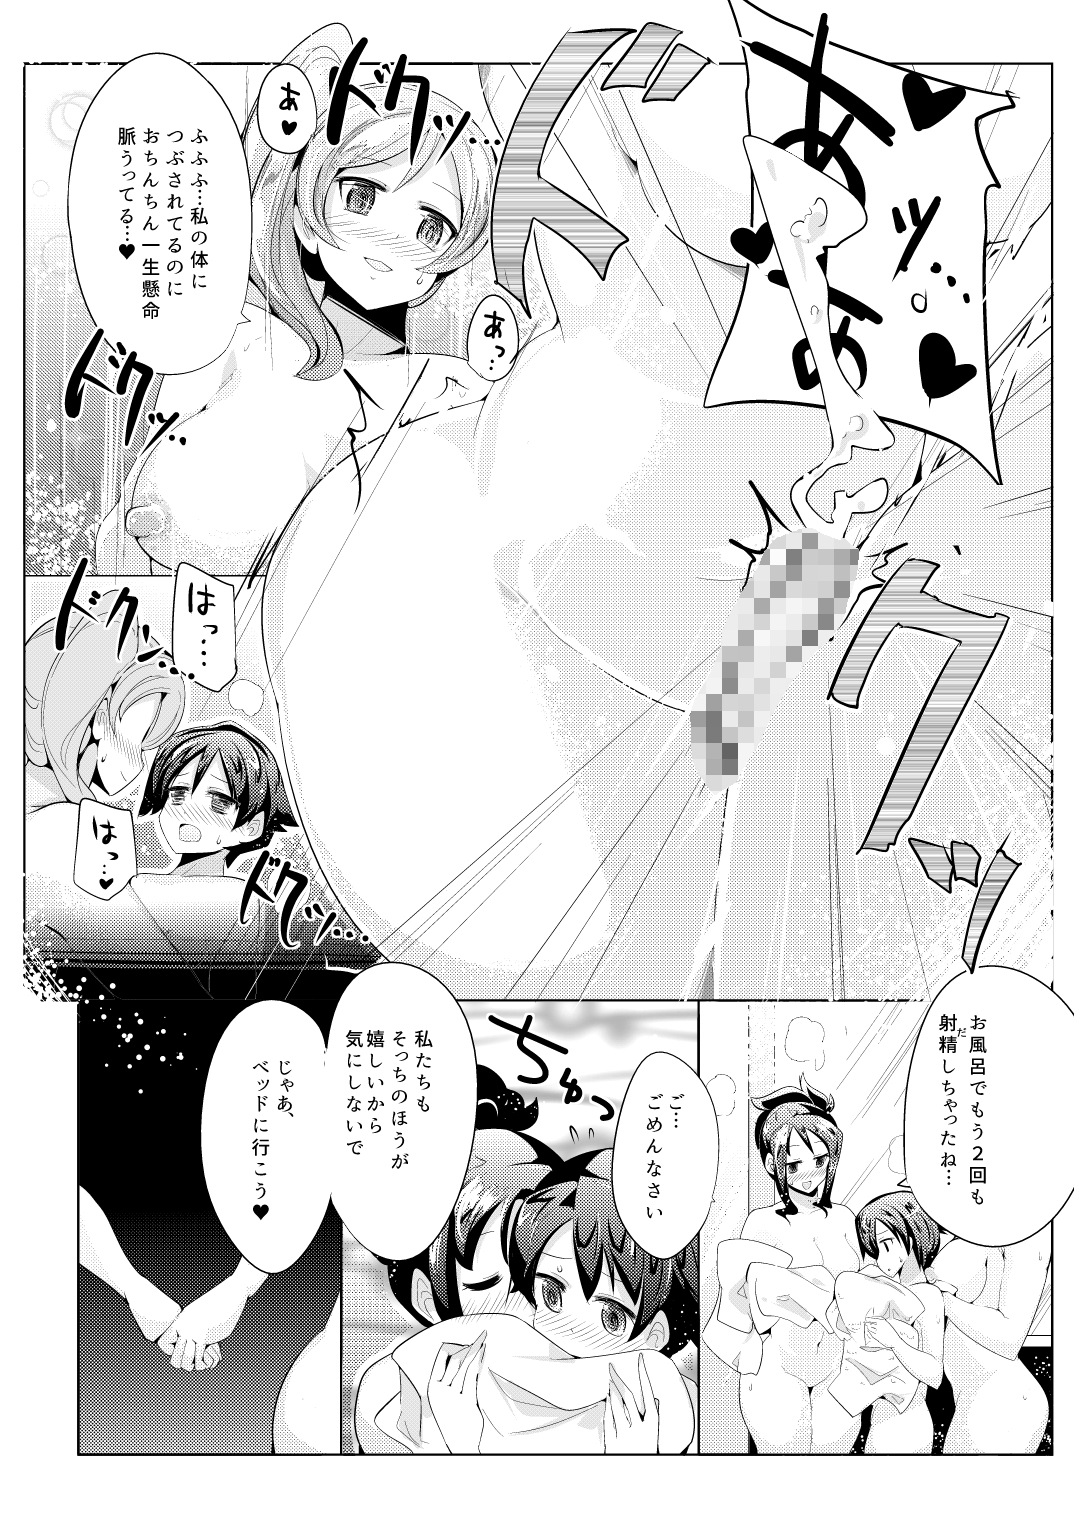 【エロ漫画・エロ同人誌】ショタっ子が巨乳デリ嬢二人呼んで初エッチwww (12)